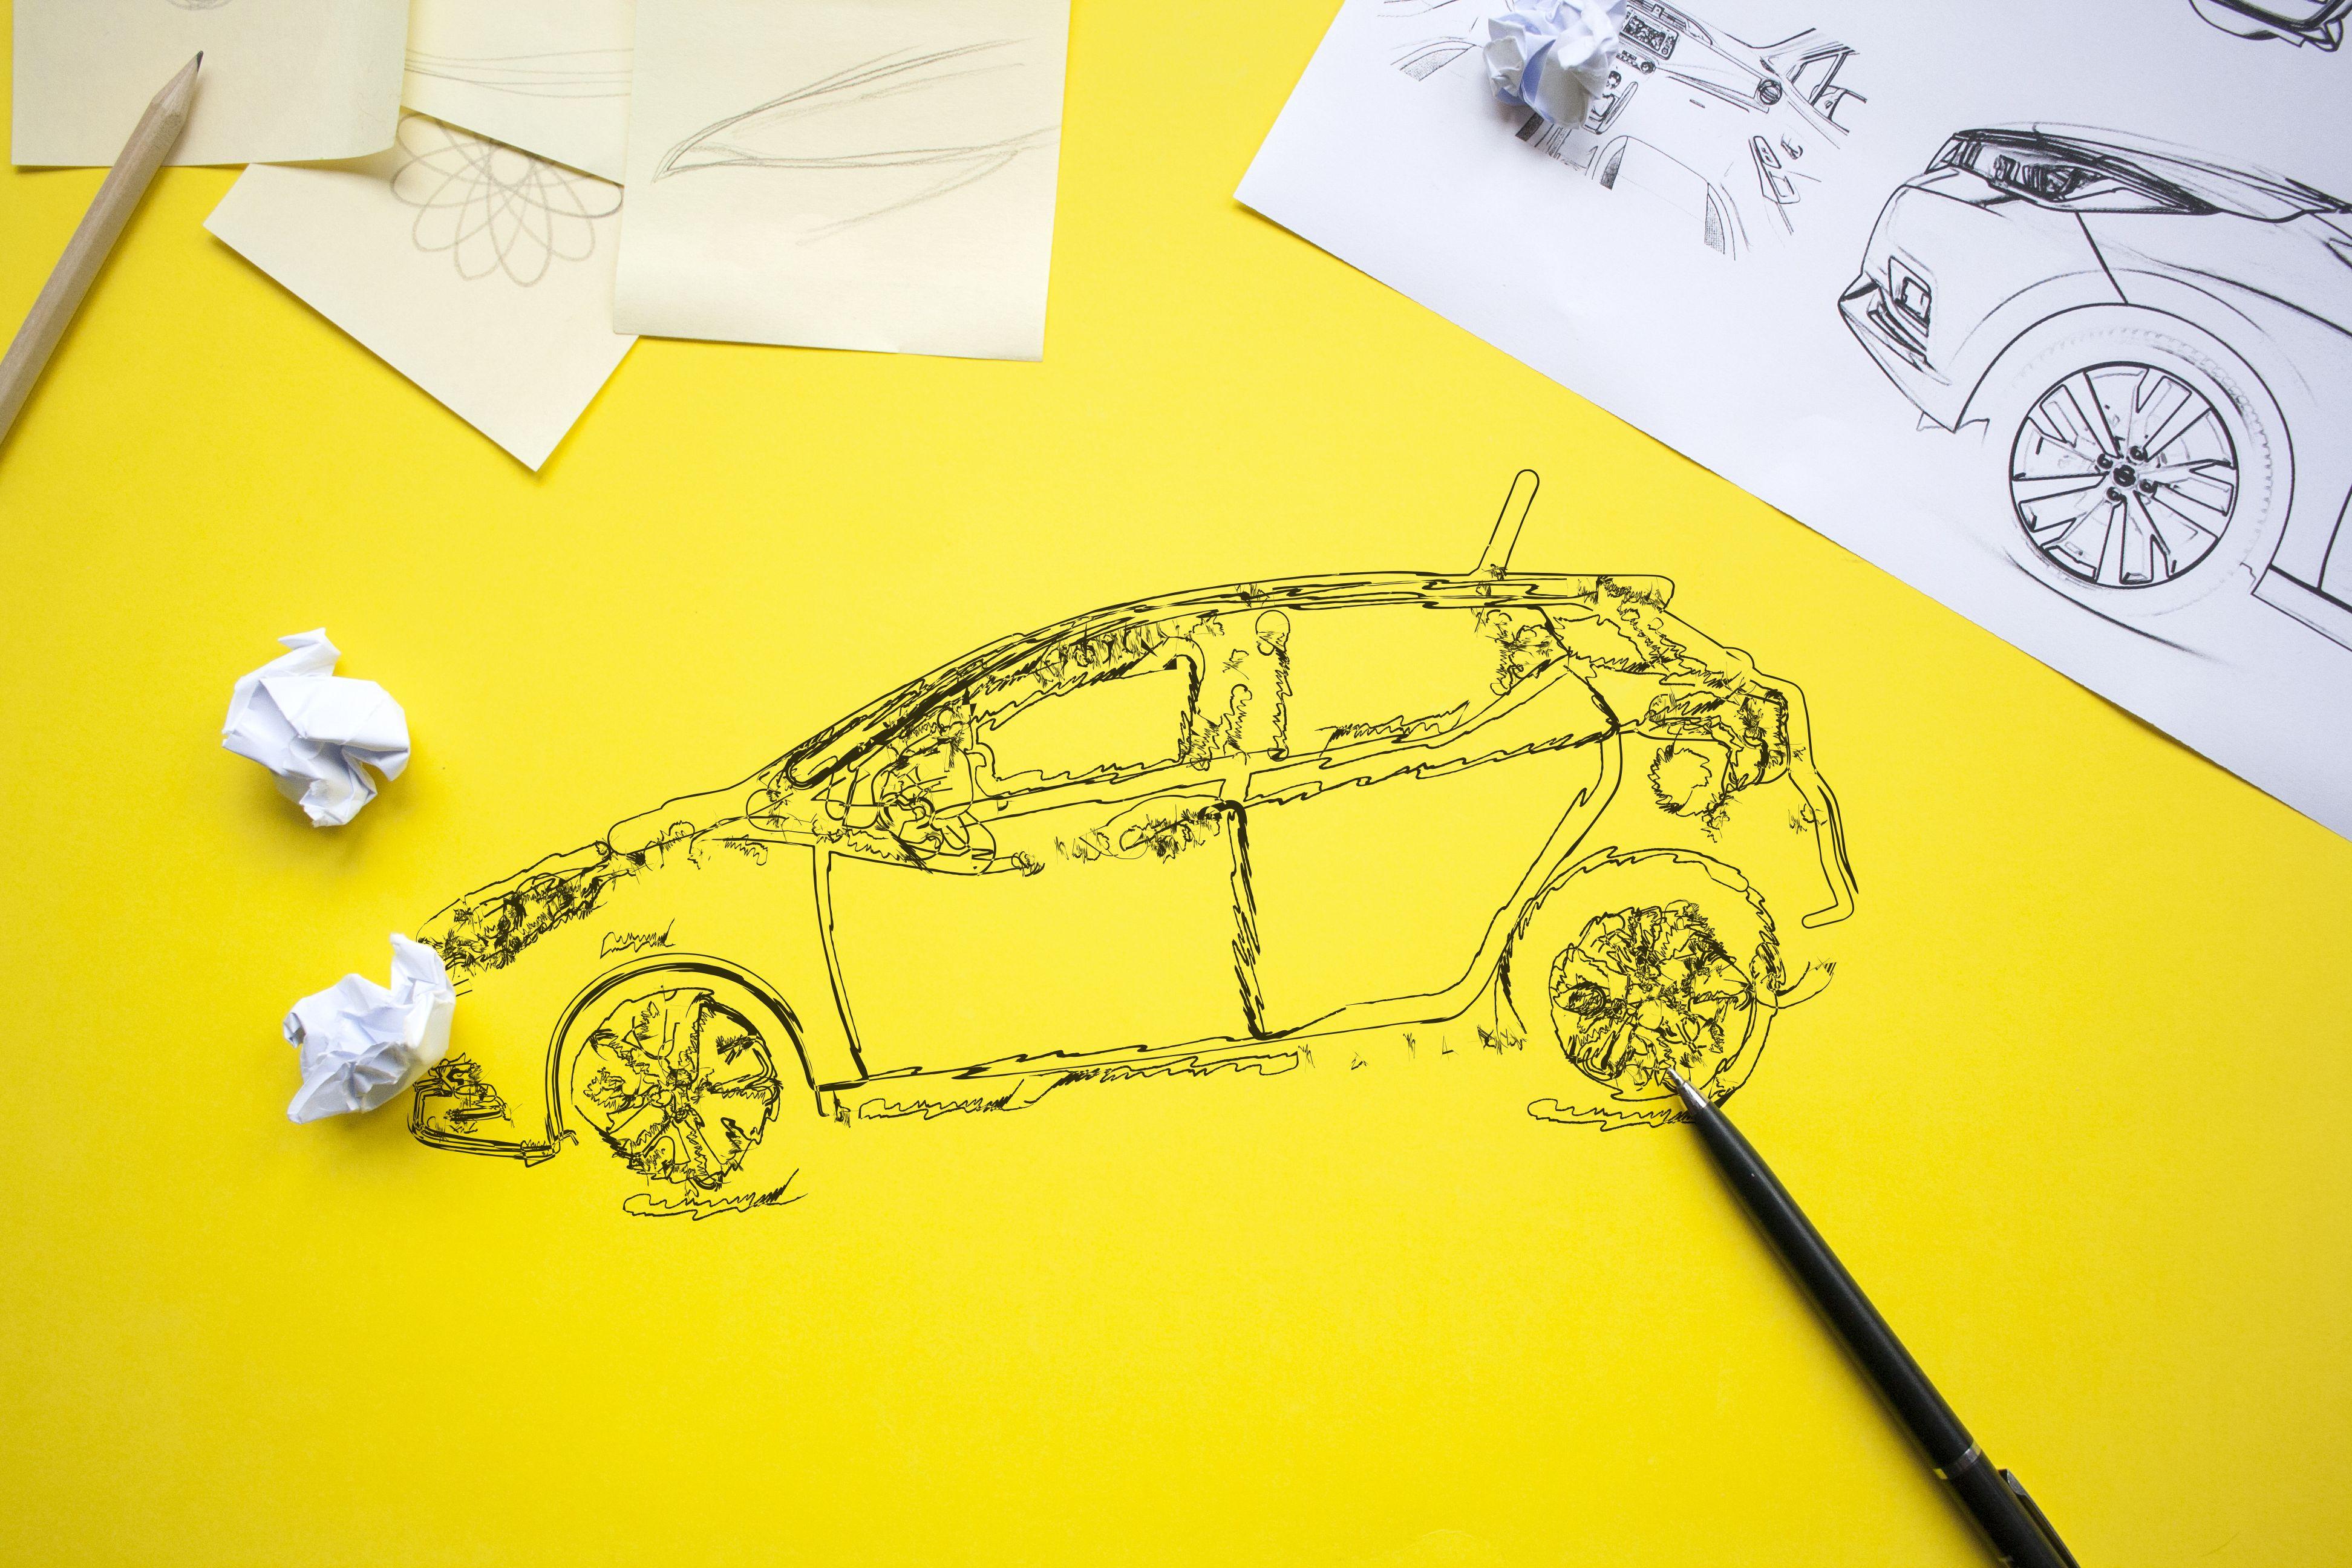 🇮🇹 Ayellowmark si fa valere ancora! 😎 Il famoso sito francese Fubiz ha lanciato un progetto denominato #PlayItYourWay in cui 50 selezionati talenti hanno realizzato la propria idea di design, potenza e dinamicità della nuovissima Nissan Micra! La nuova auto è stata rivisitata secondo il...